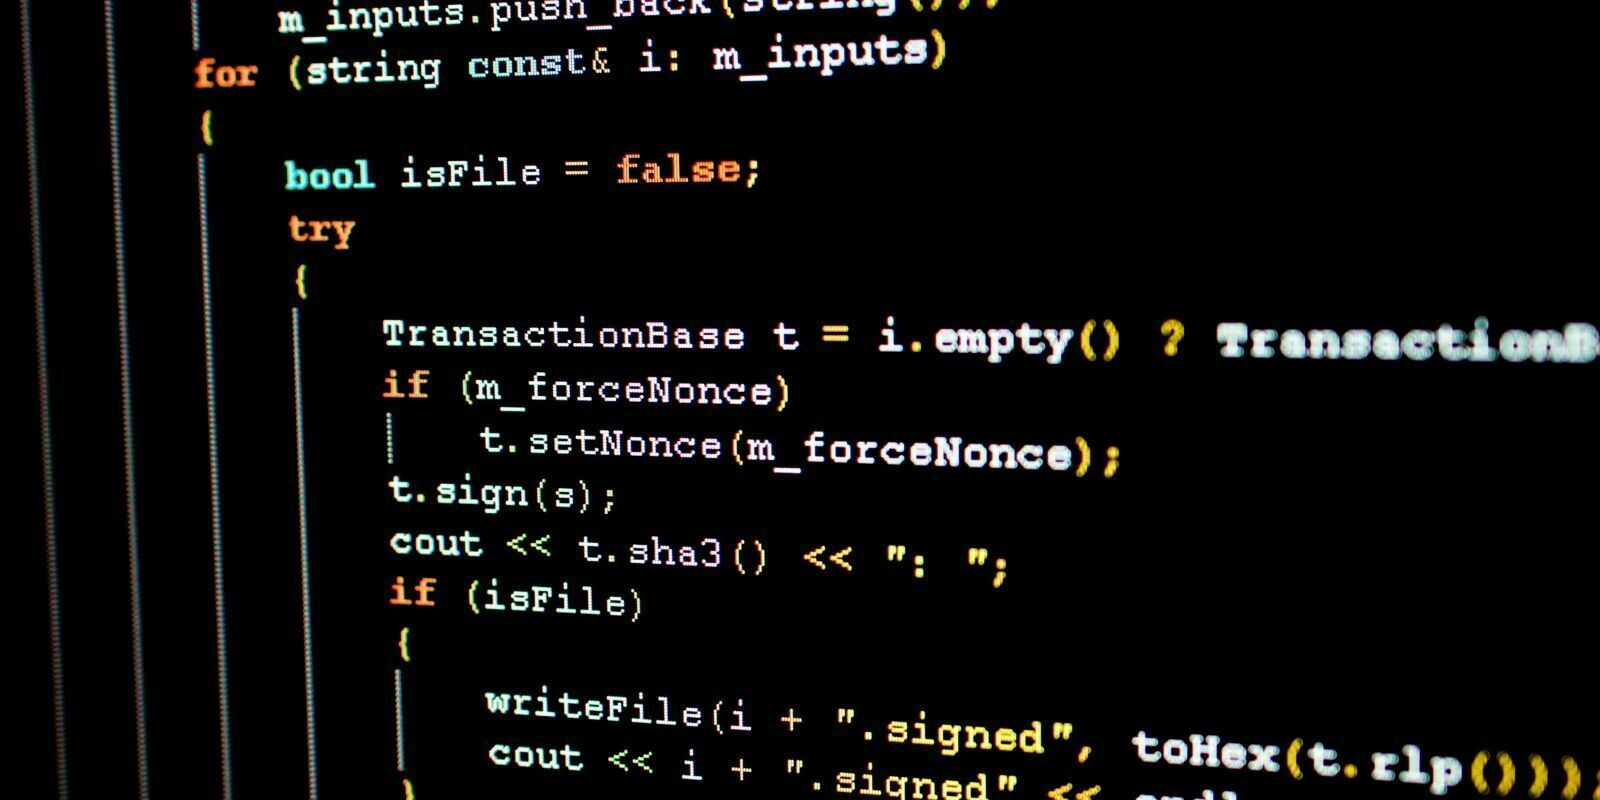 Développez votre propre token Ethereum